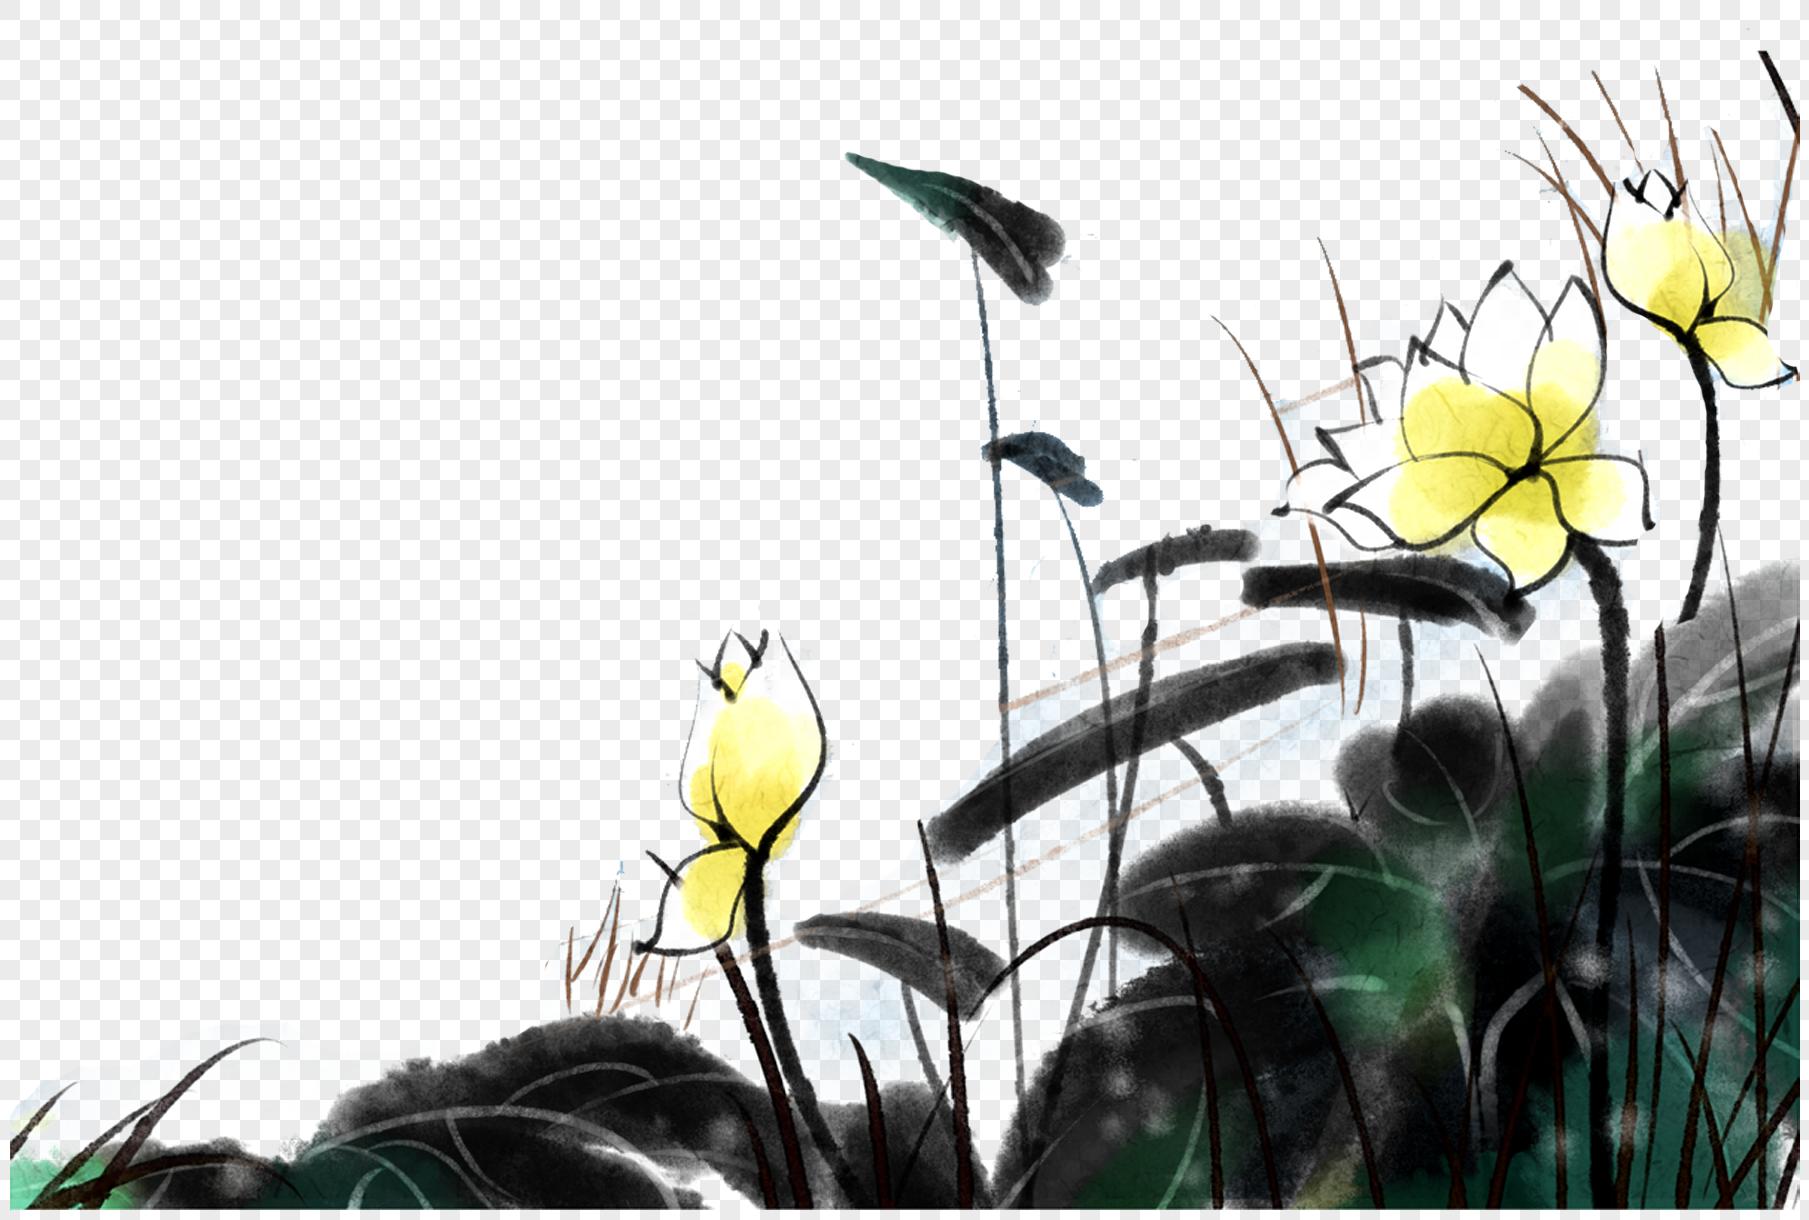 水墨画荷花元素素材格式_设计素材免费下载_vrf高清